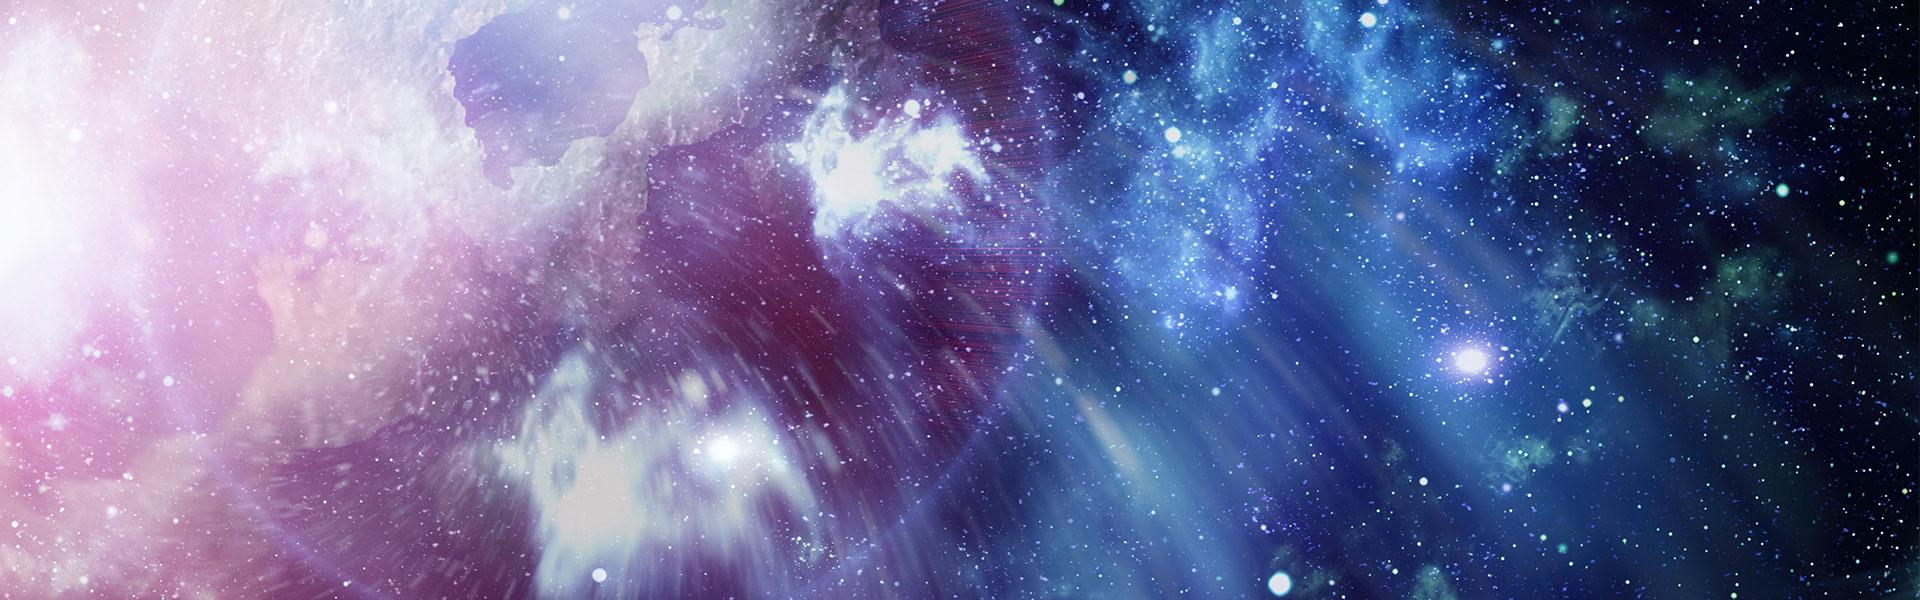 Neutrinos in matter?